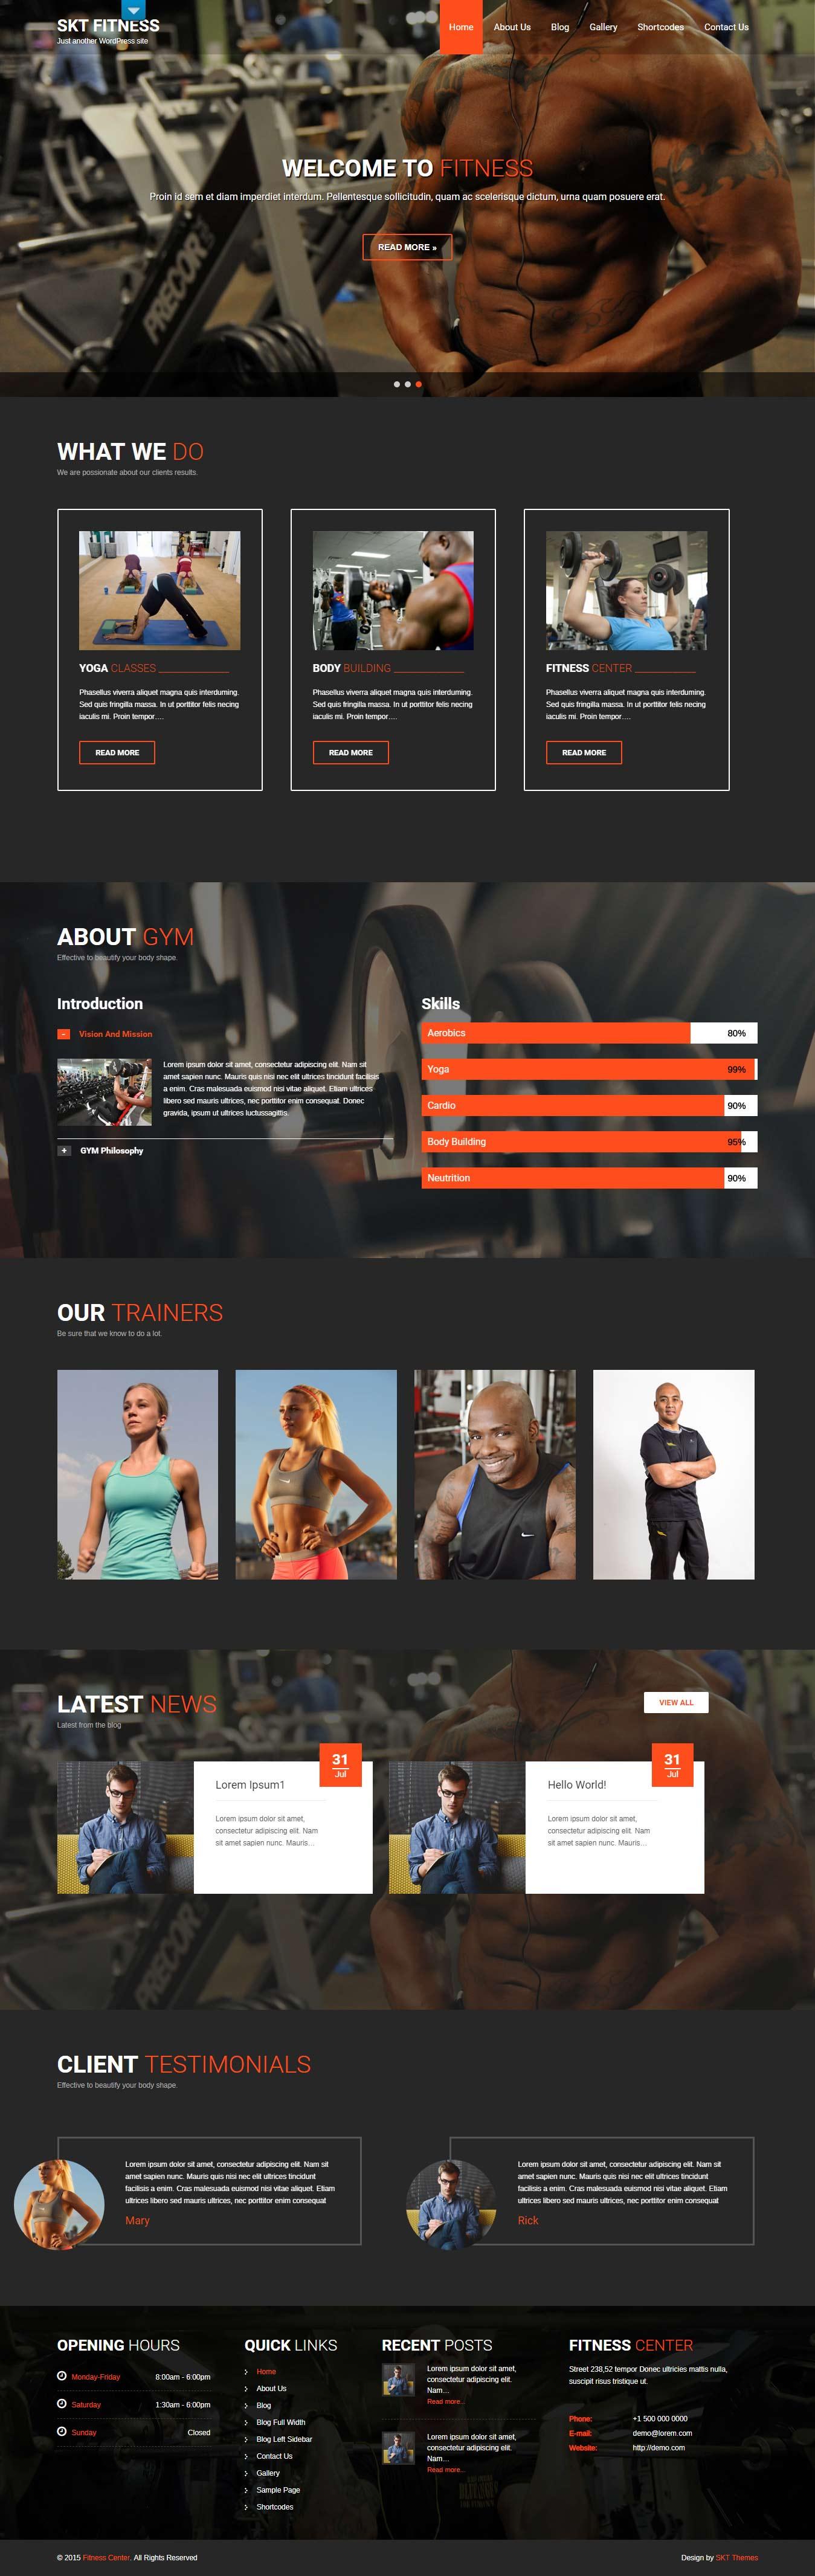 Fitness Lite - El mejor tema gratuito de WordPress para deportes